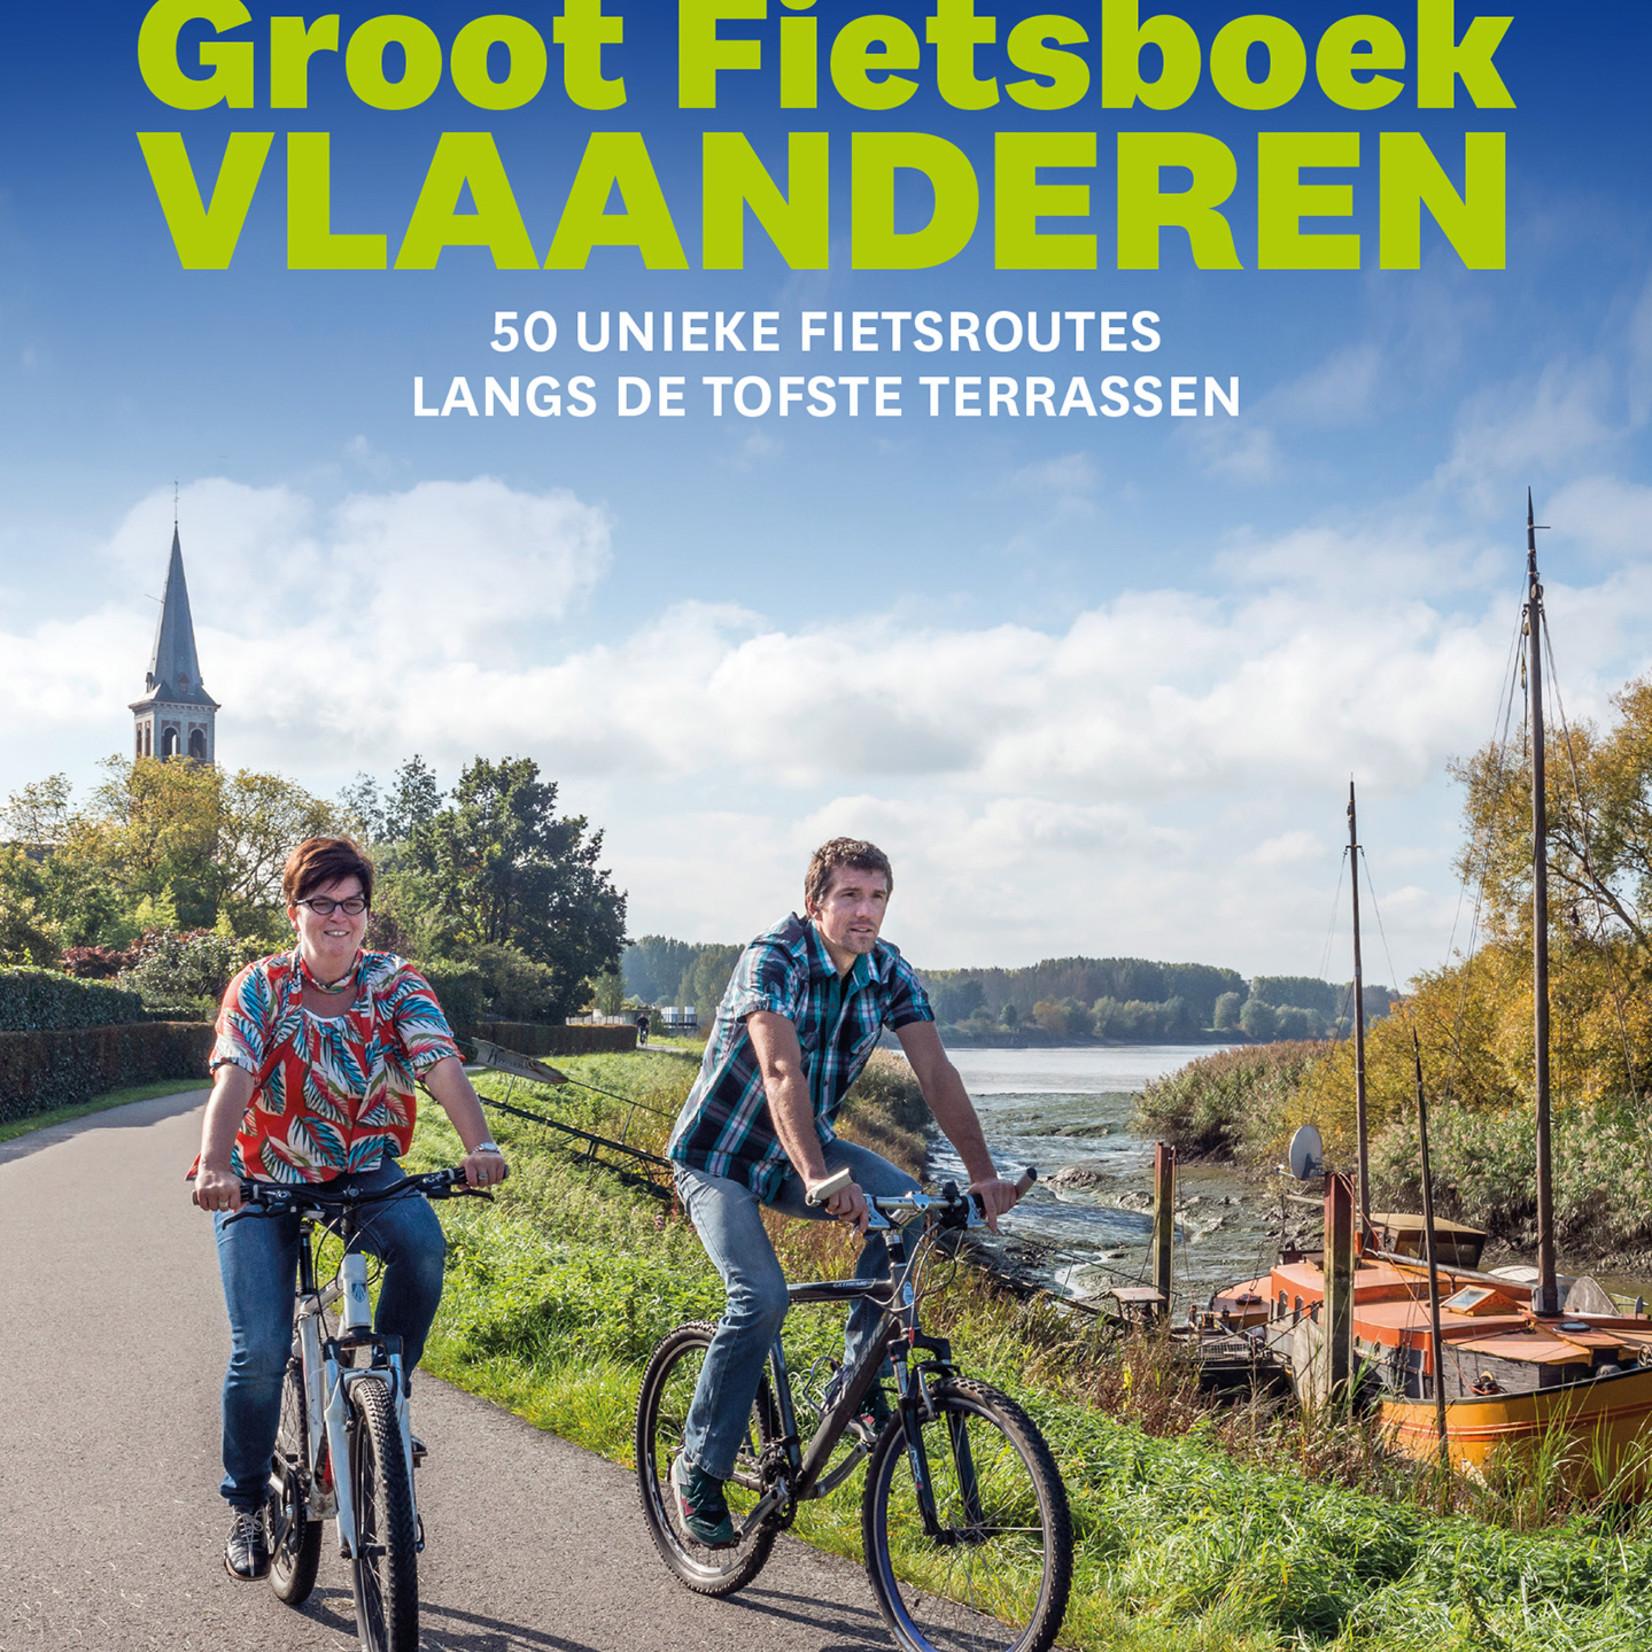 Groot Fietsboek Vlaanderen (NED)